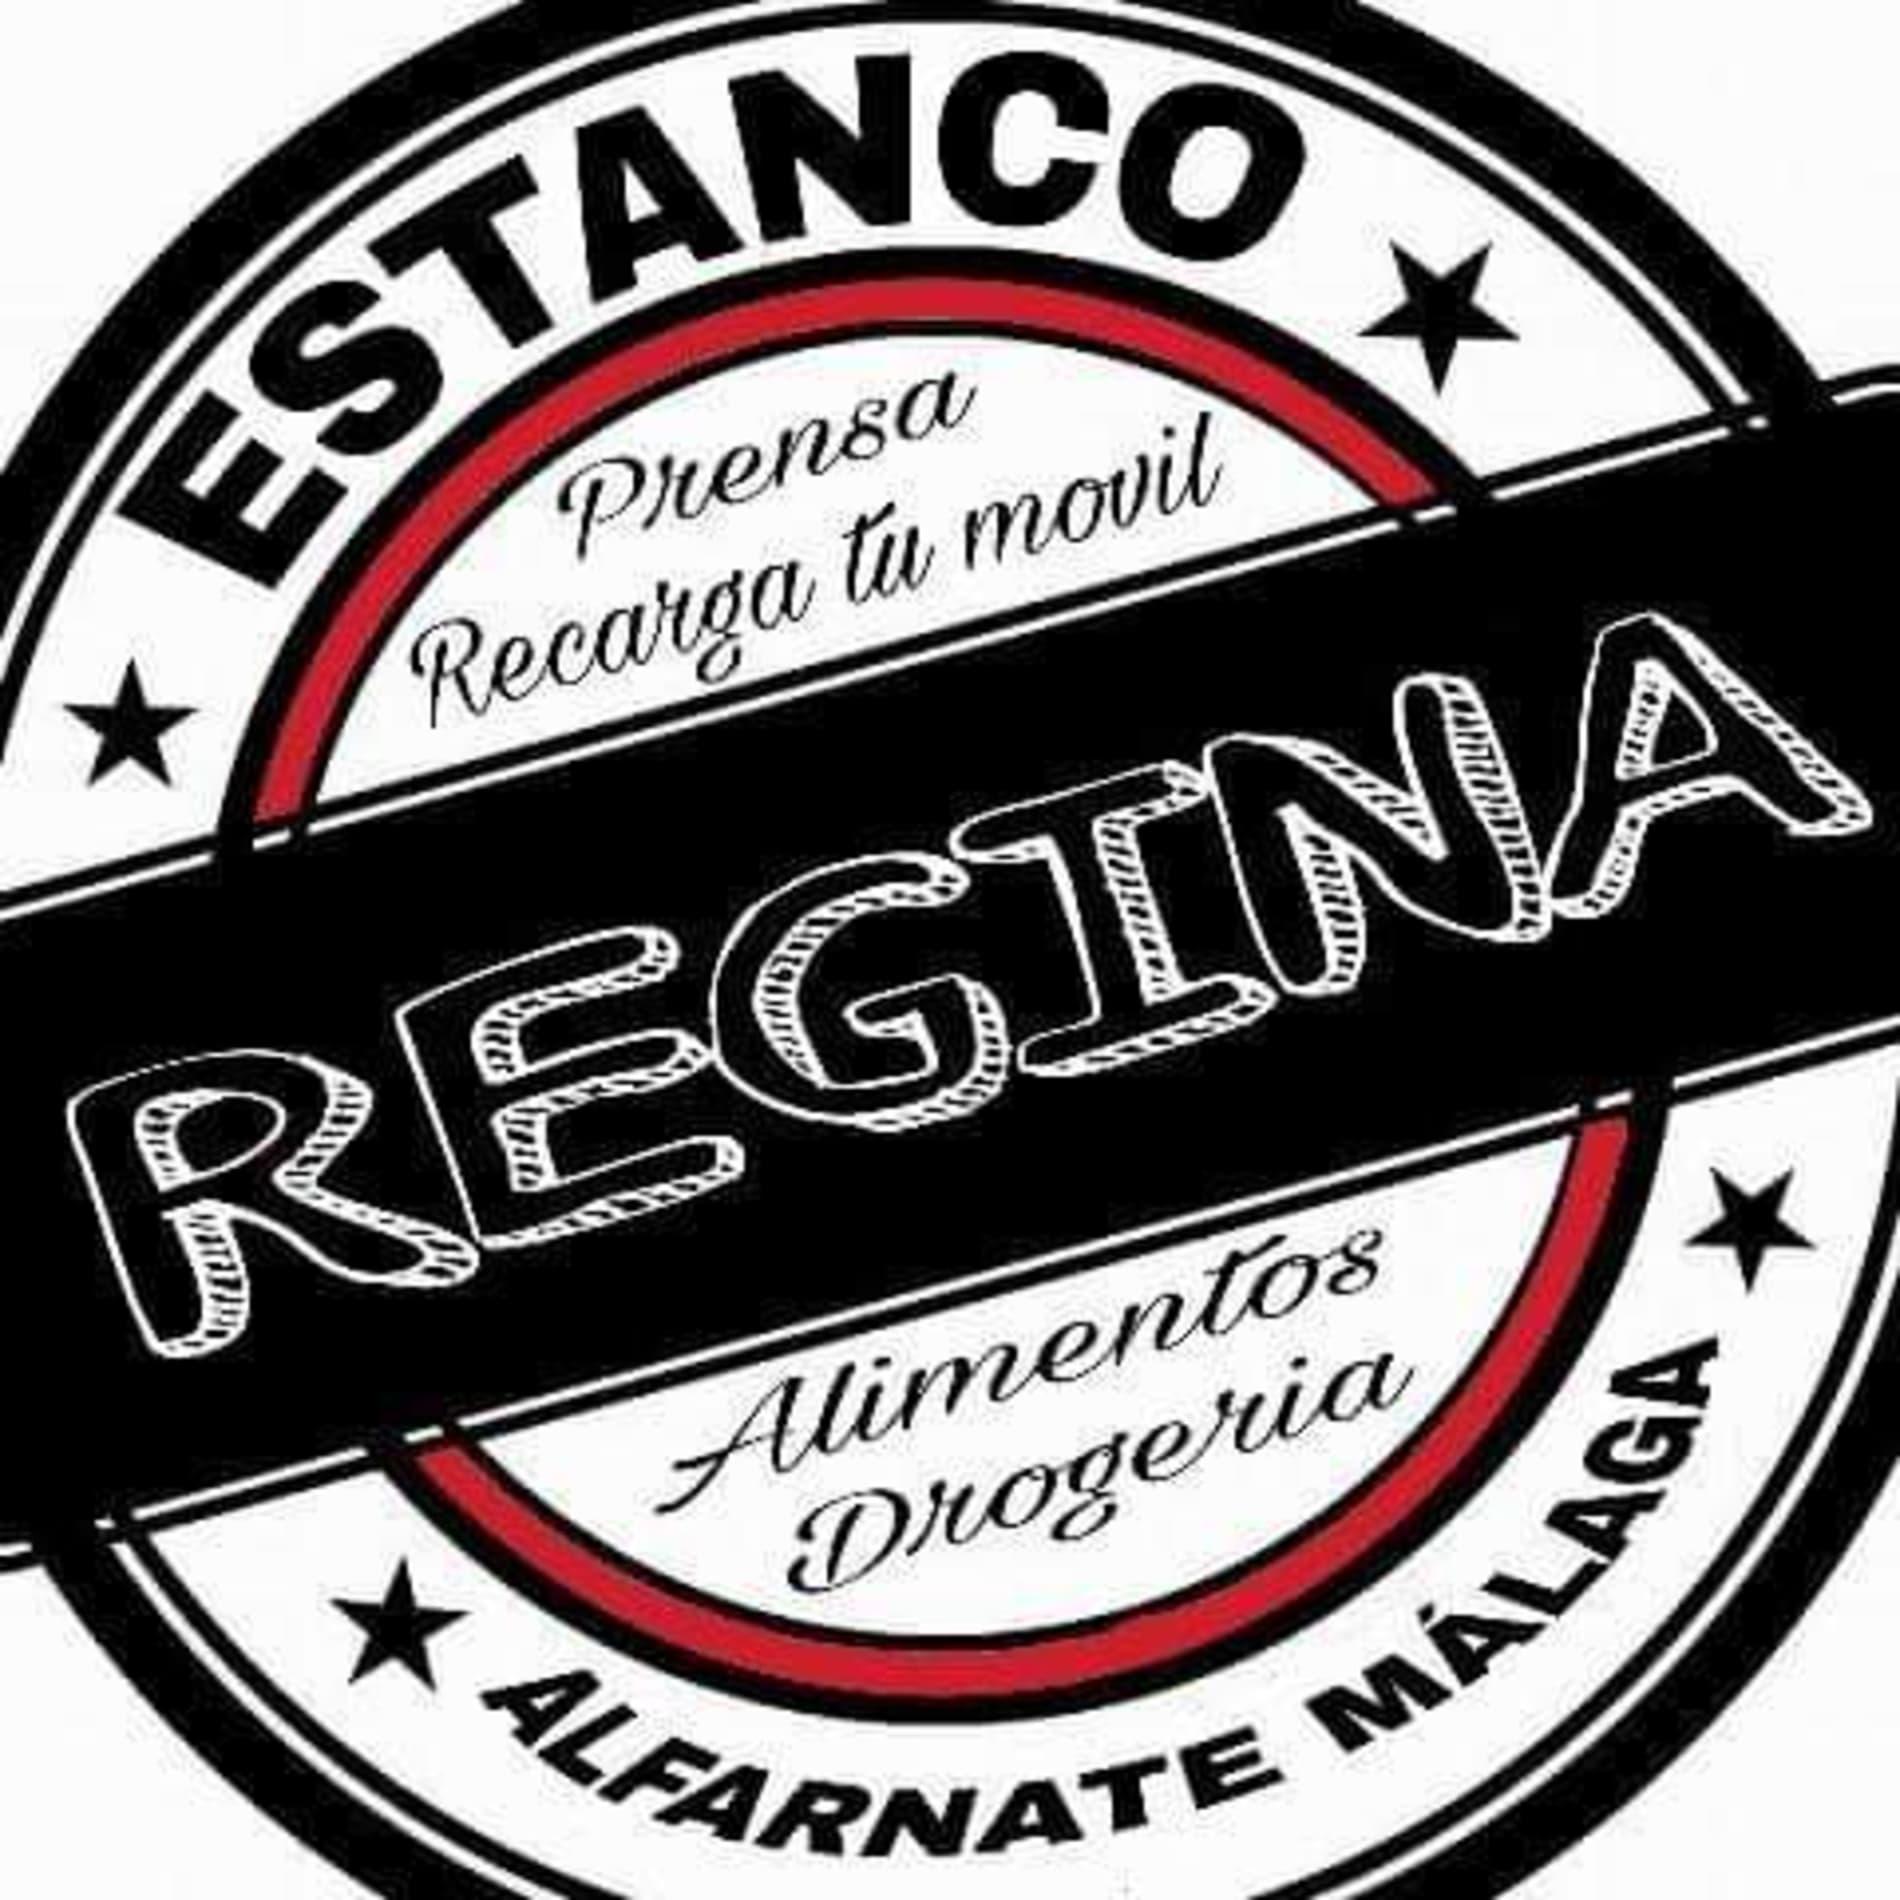 Estanco Regina